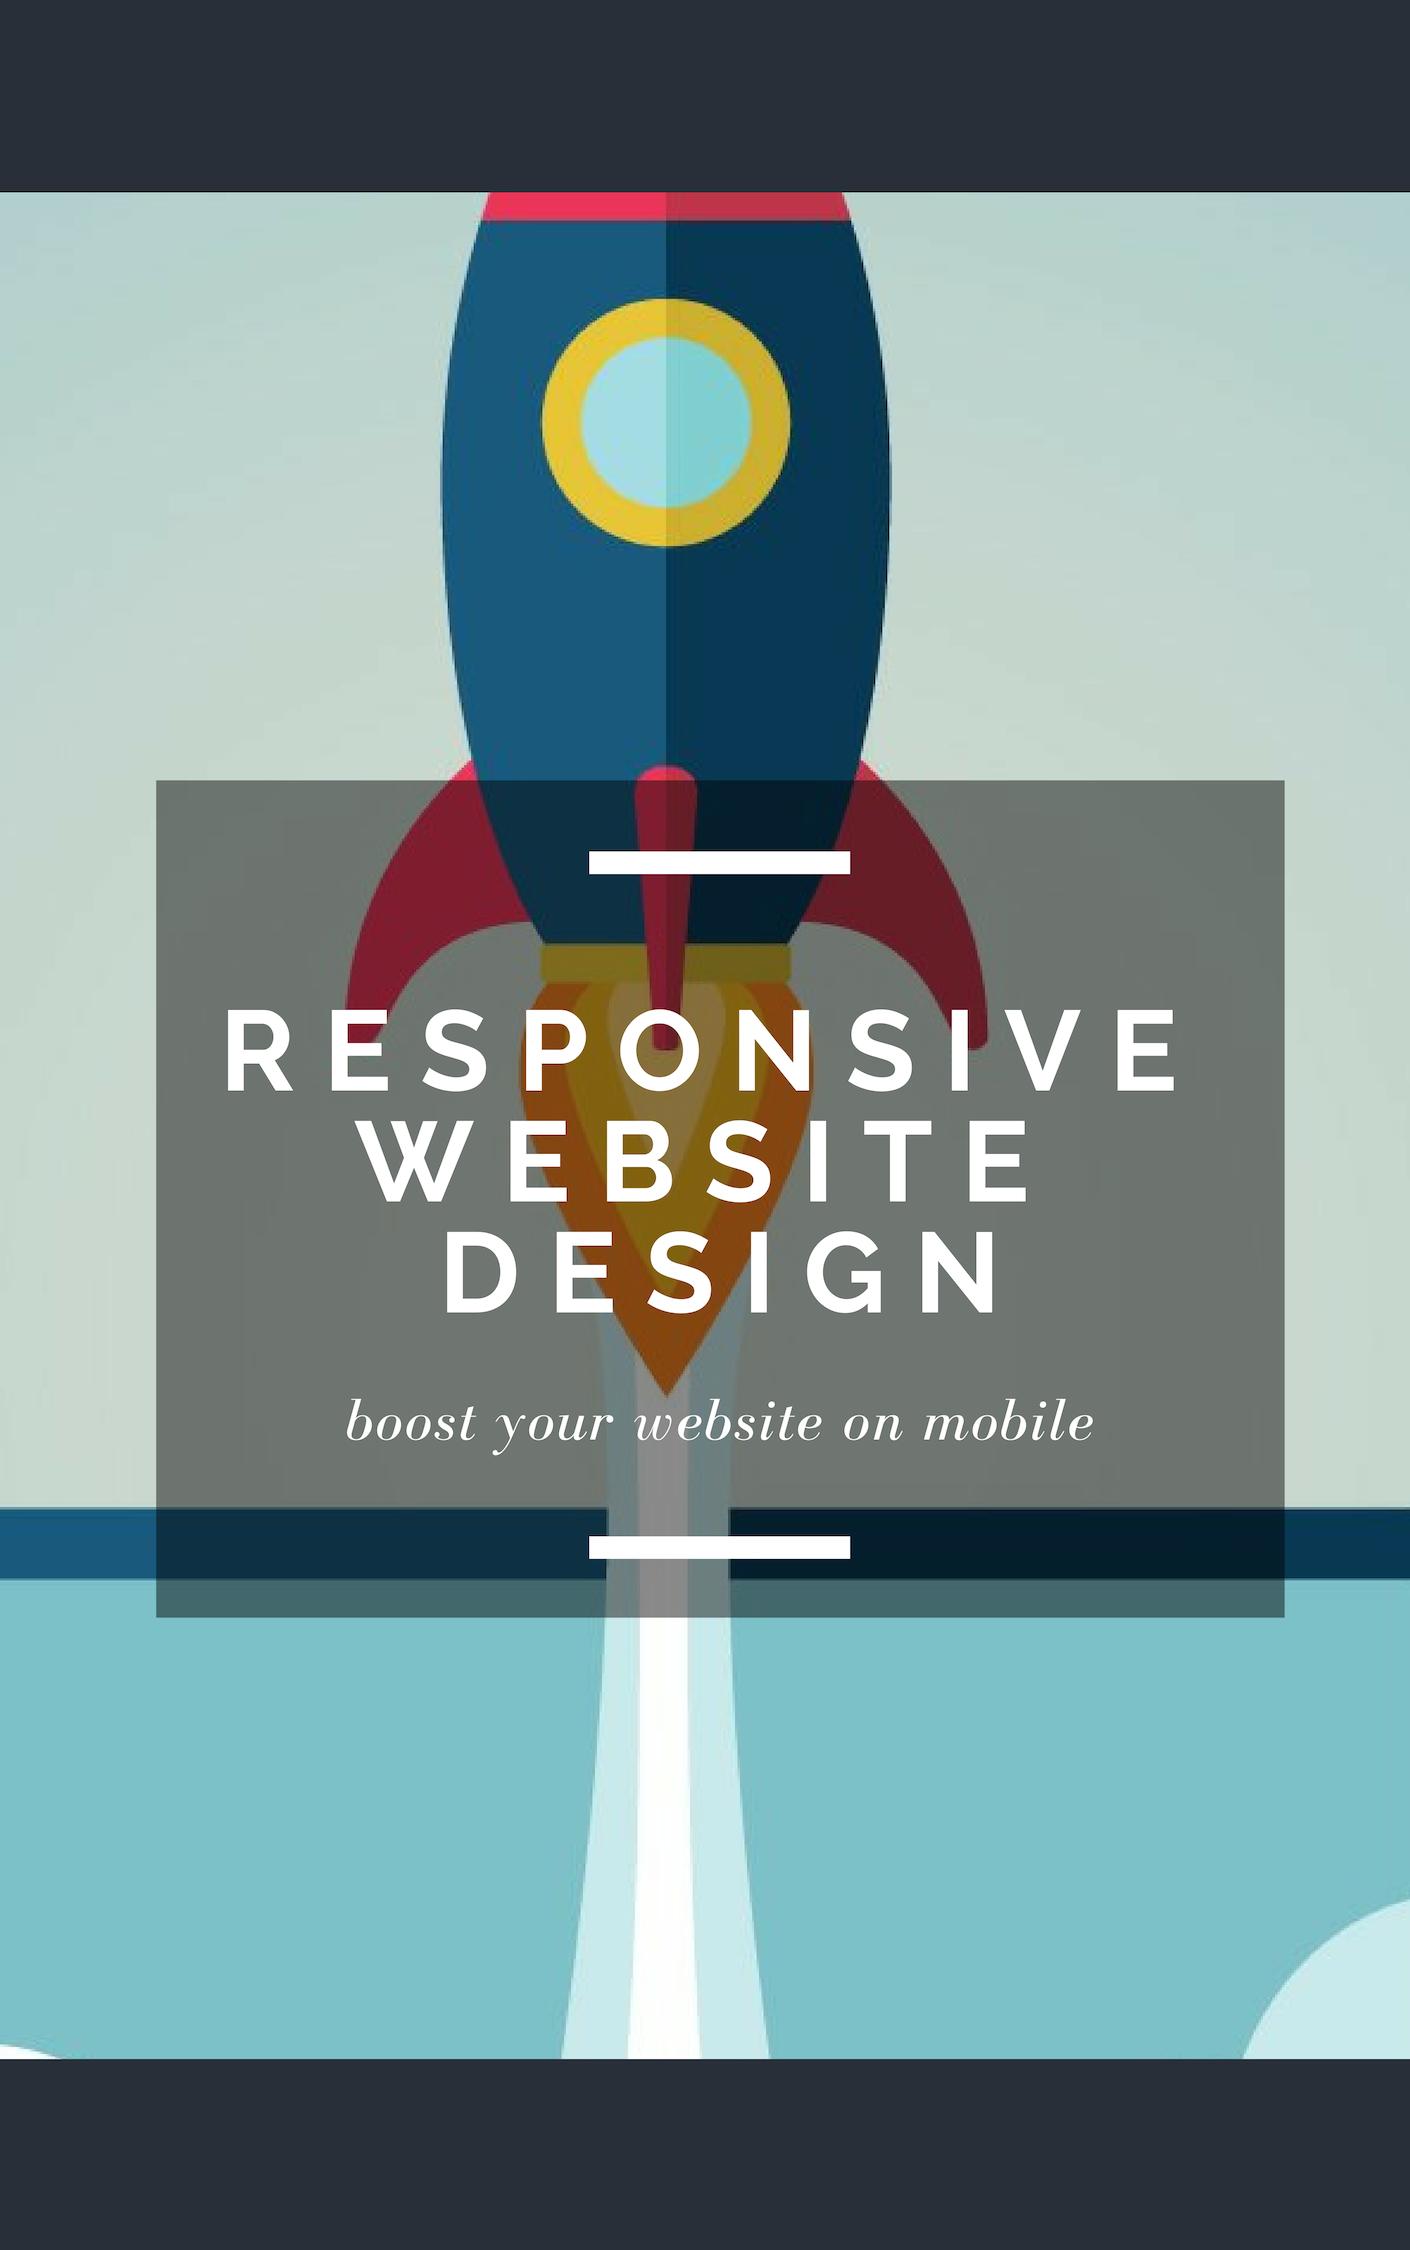 Responsive Website Design Boost Your Website Responsive Website Design Site Design Website Latest Web Design Trends